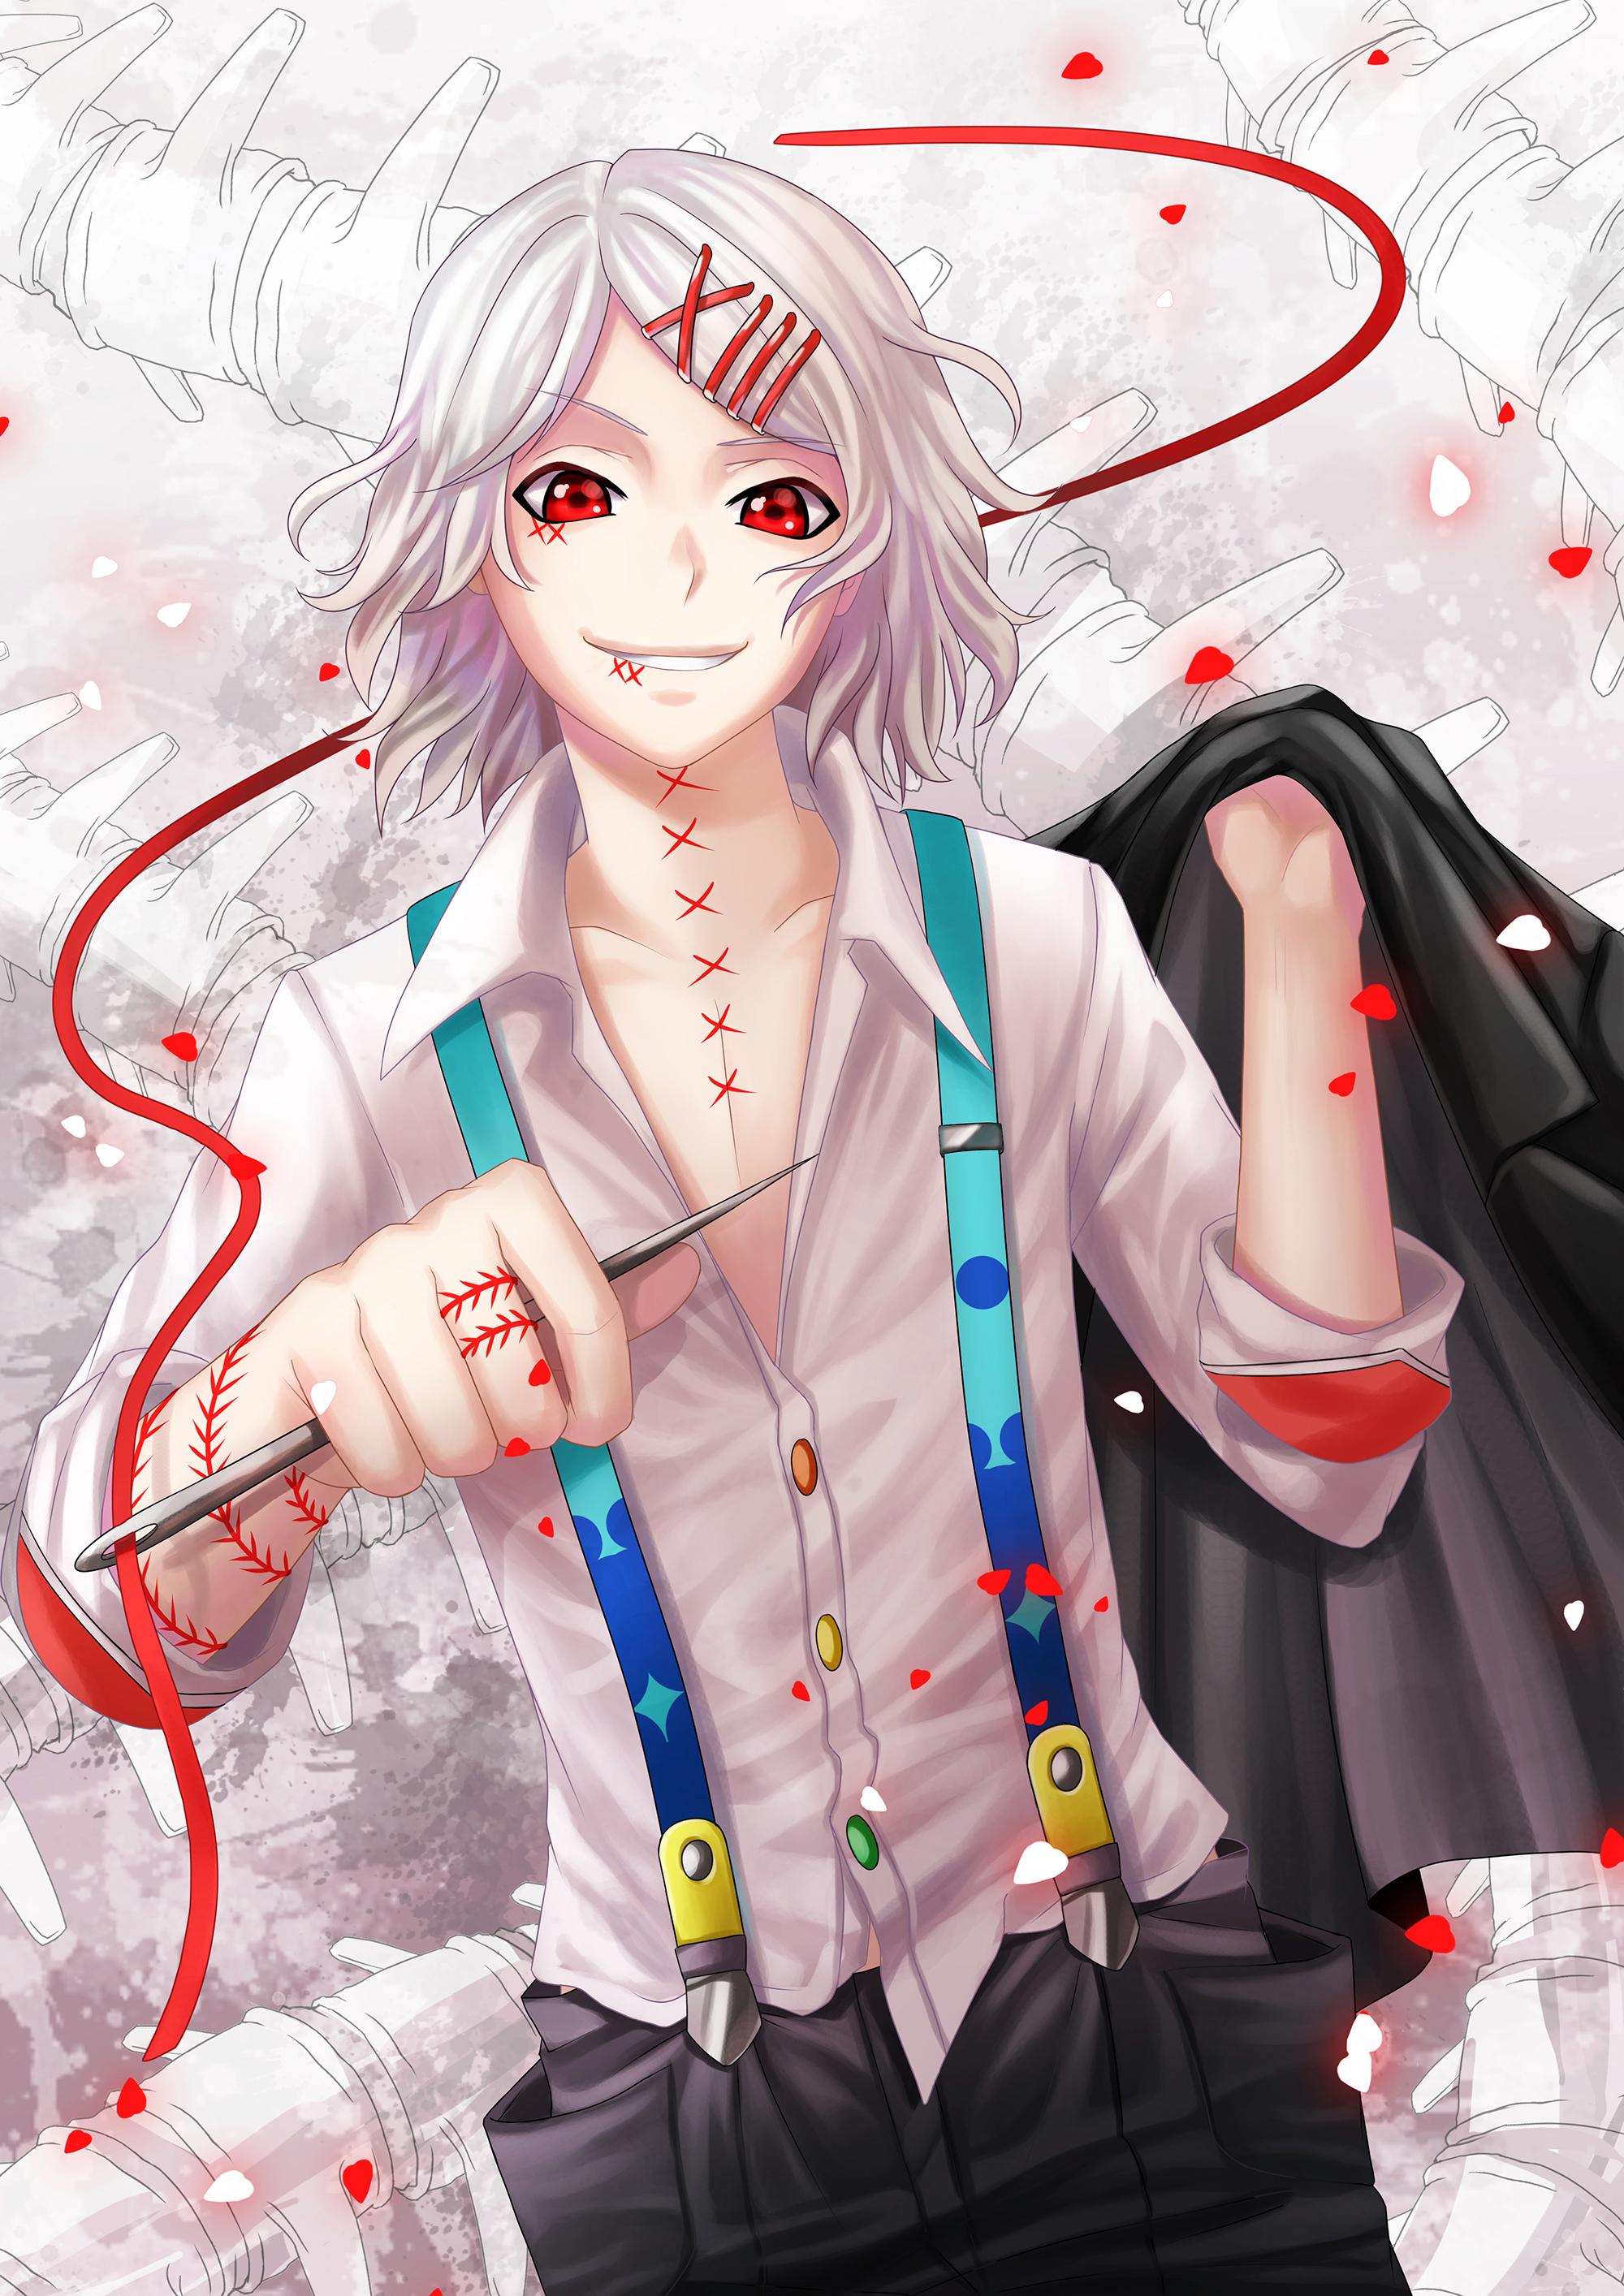 Anime Characters Like Juuzou : Suzuya juuzou tokyo kushu mobile wallpaper